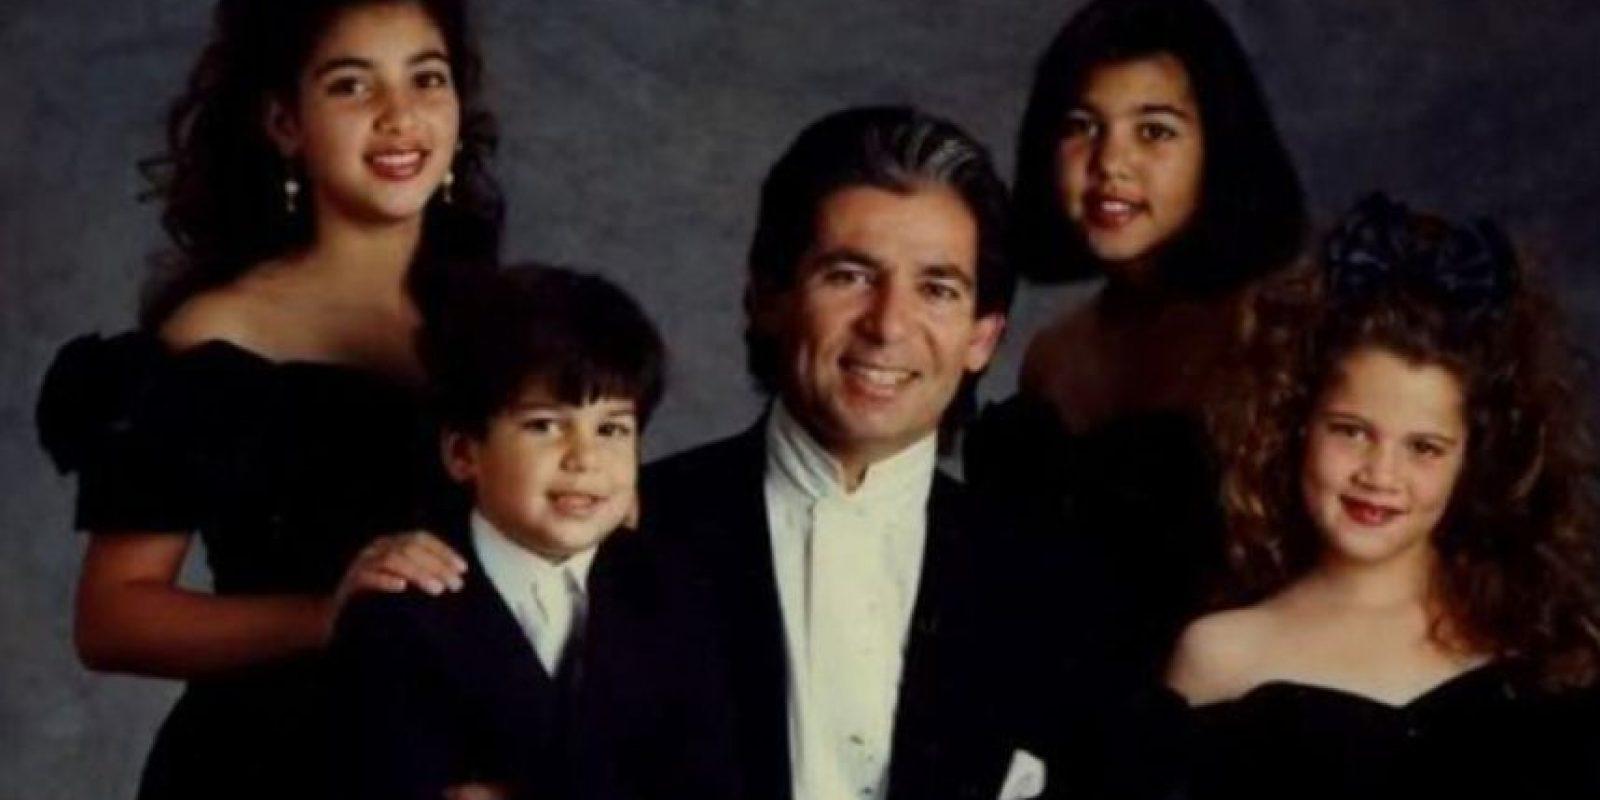 La familia Kardashian ha cambiado mucho desde que fuese conocida por ser Robert, su patriarca, el abogado que defendió a O.J Simpson Foto:Getty Images